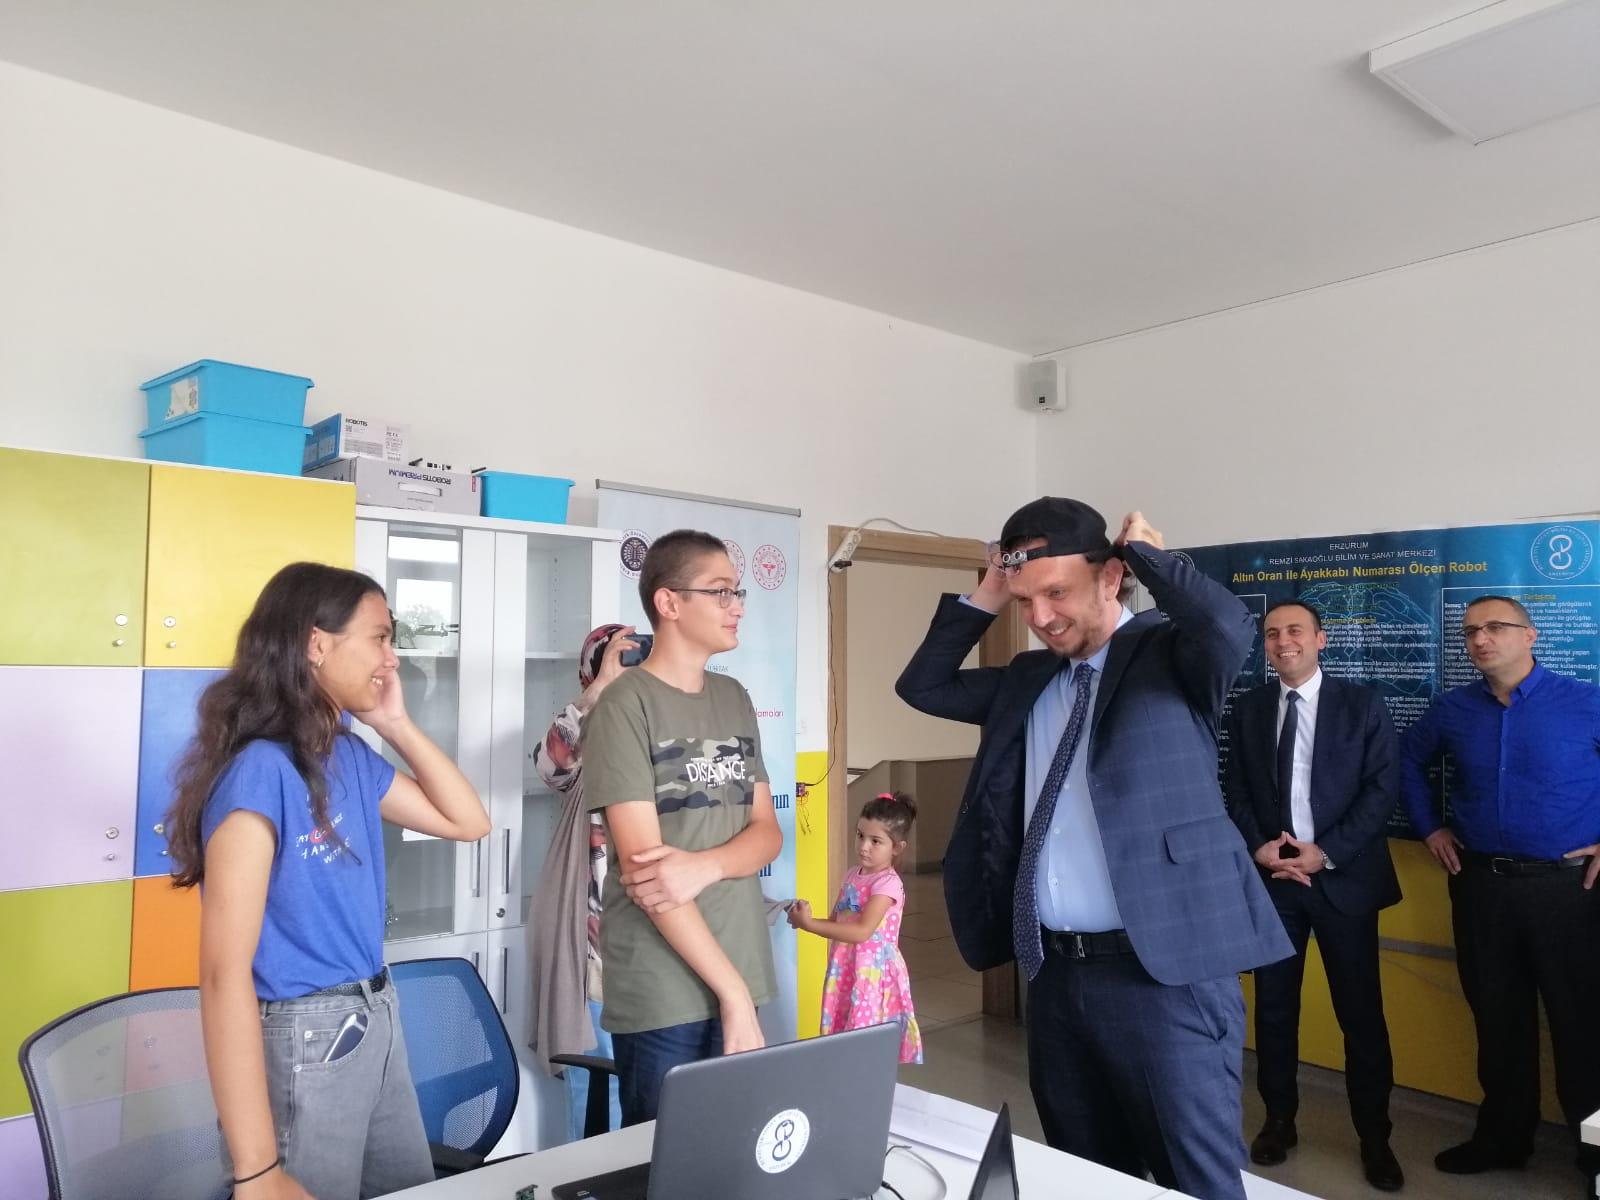 Turkcell Pazarlamadan Sorumlu Genel Müdür Yardımcısı Ömer Barbaros Yiş, Remzi Sakaoğlu BİLSEM öğrencileriyle